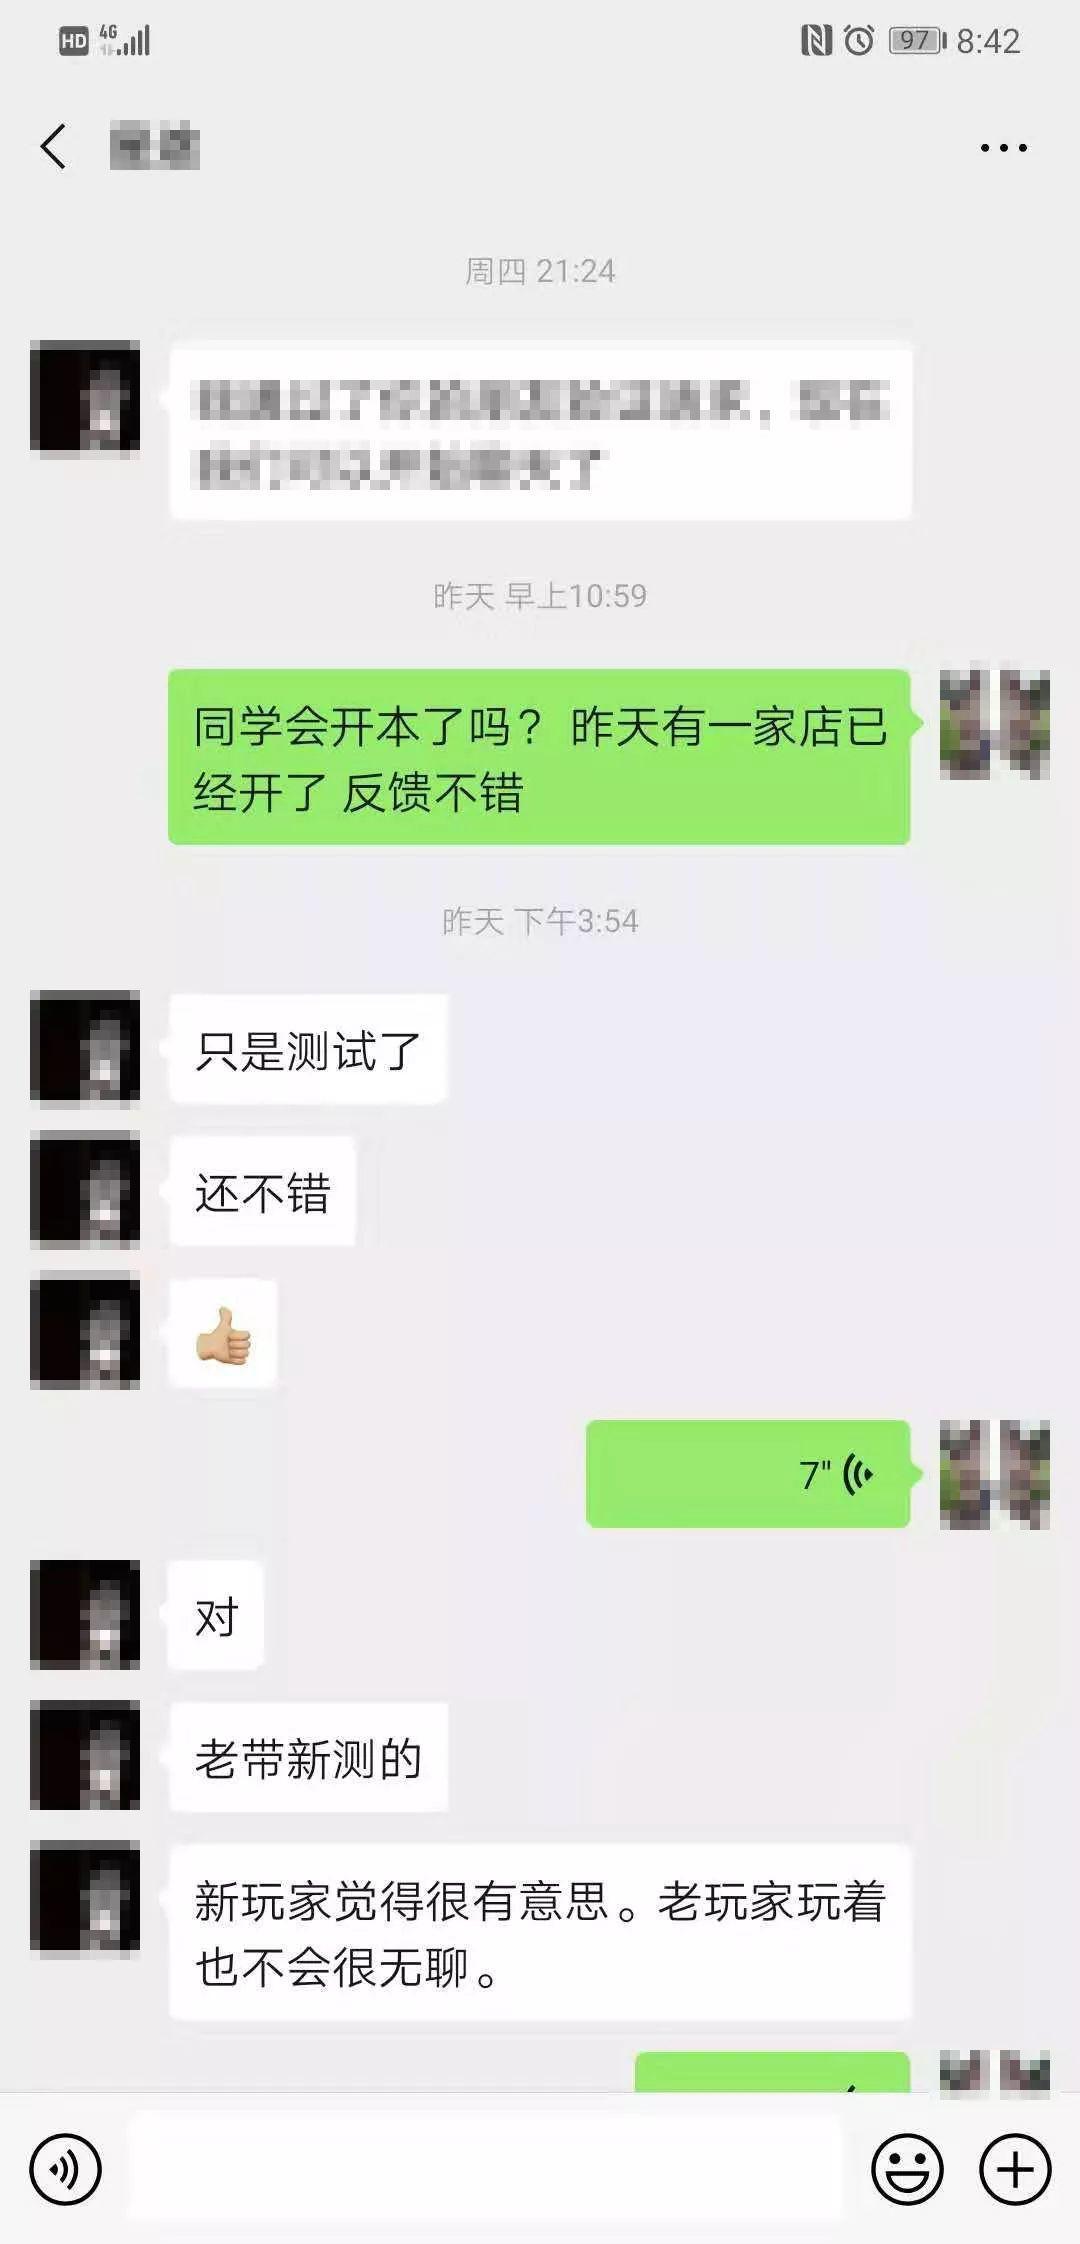 6人本《同学会》剧本杀线索复盘真相剧透结局真凶手是谁?%-site_name